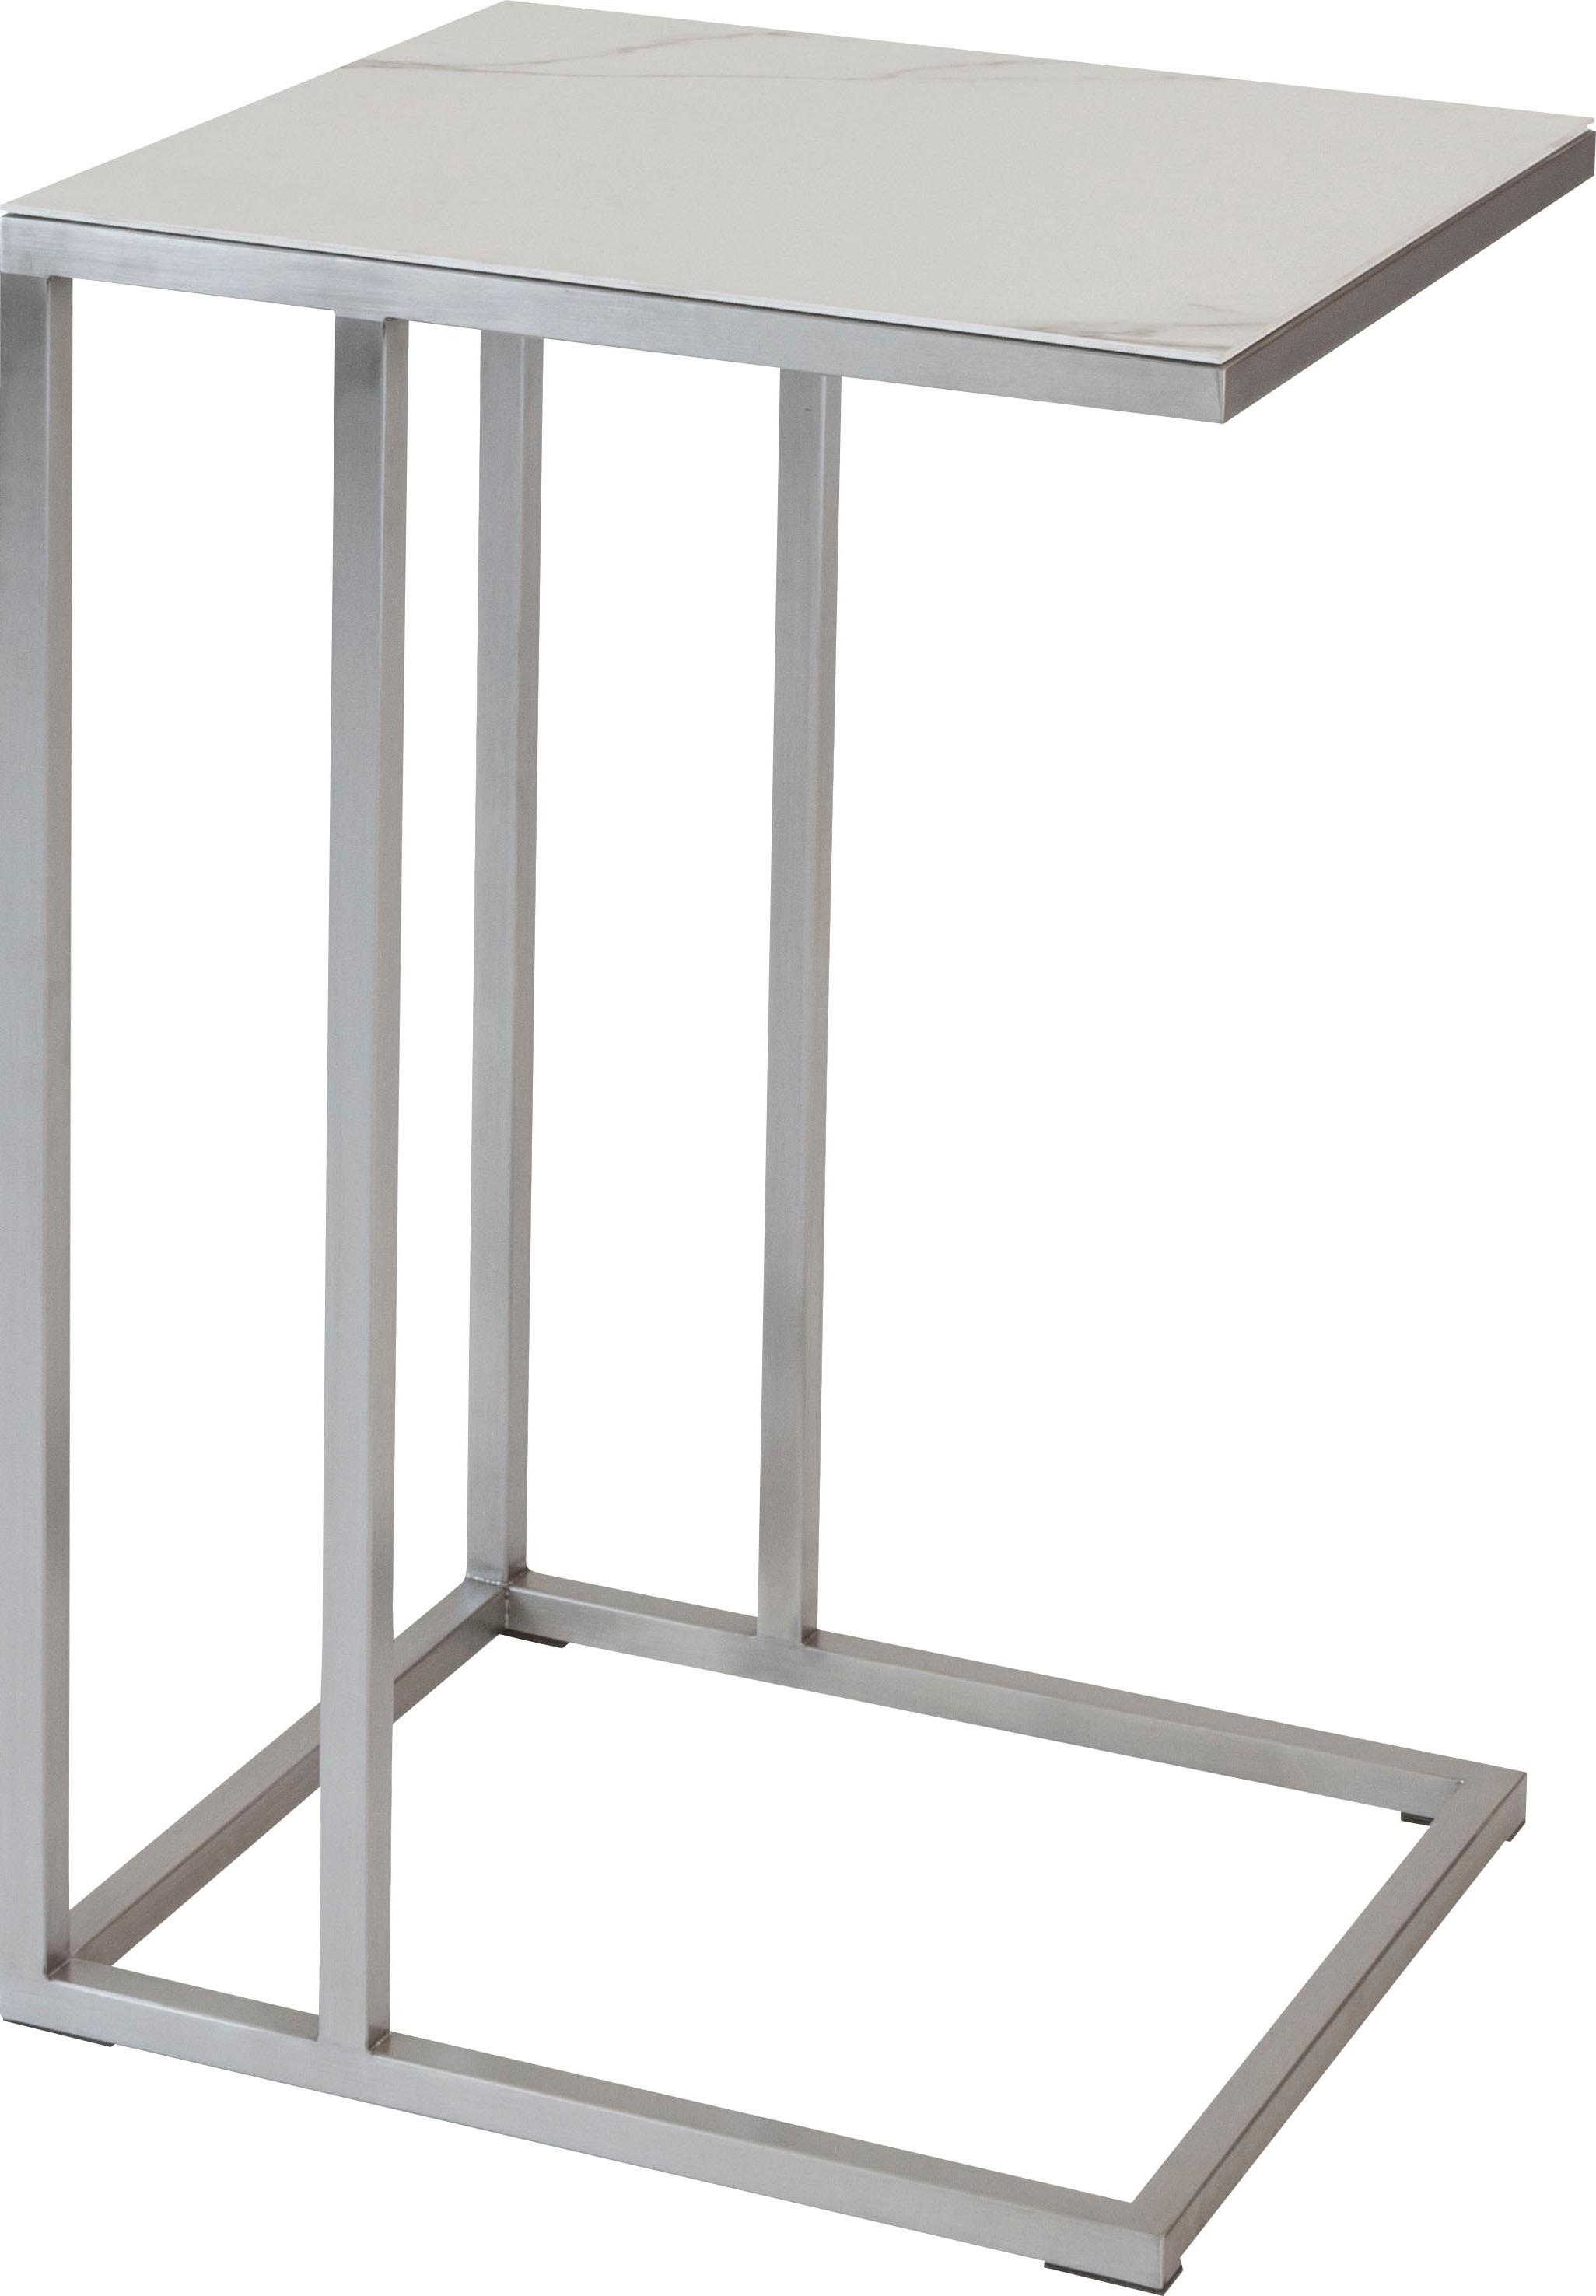 Henke Möbel Beistelltisch, Tischplatte aus hochwertiger Keramik weiß Beistelltische Tische Beistelltisch